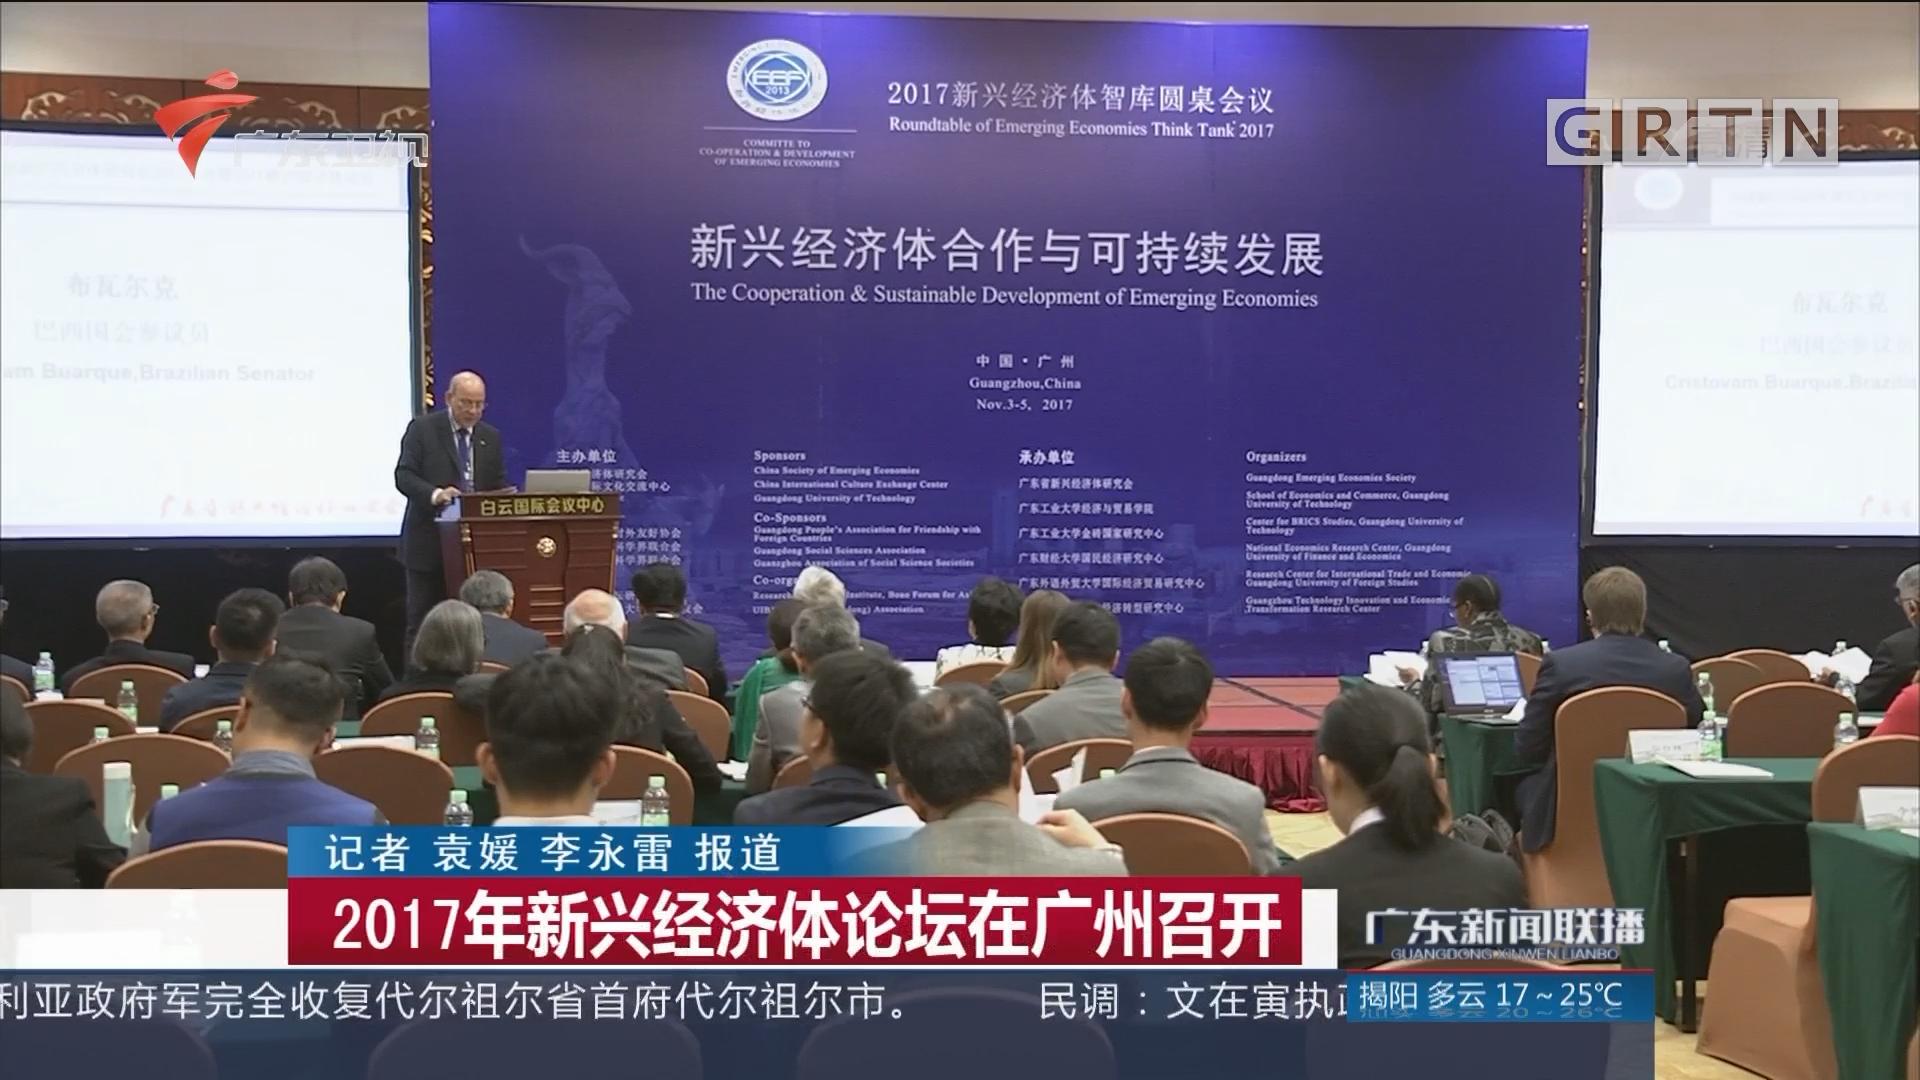 2017年新兴经济体论坛在广州召开